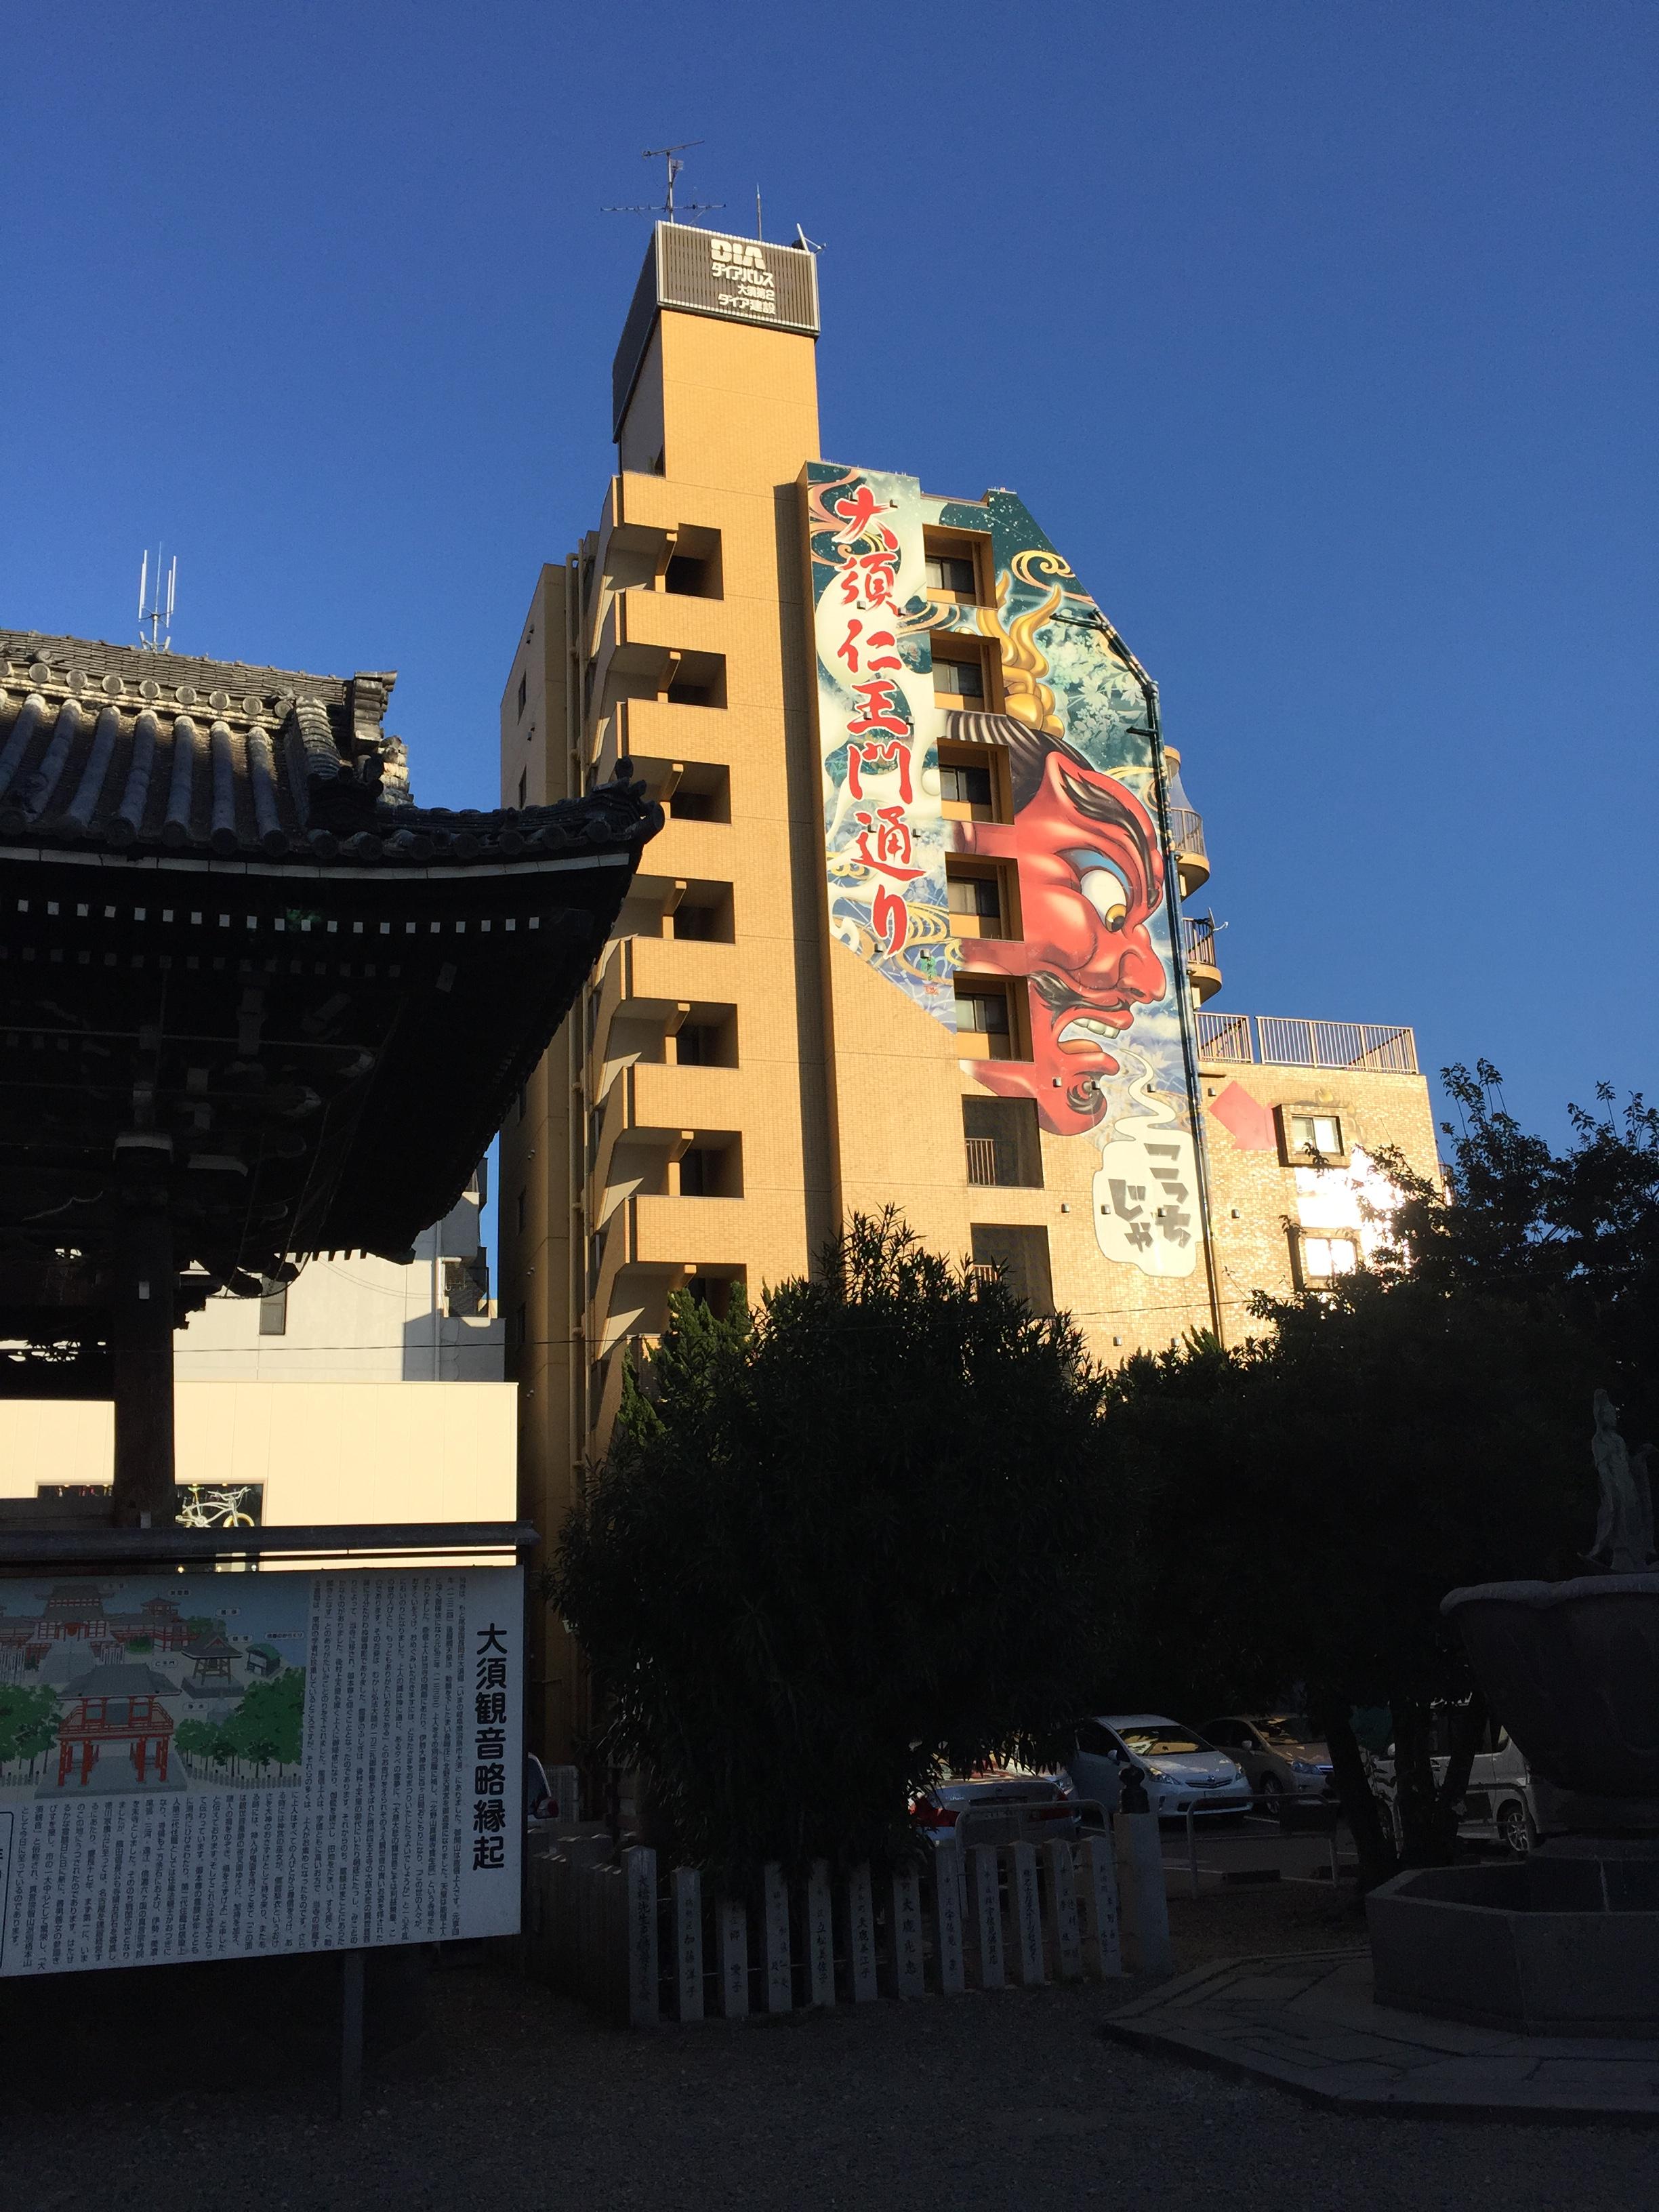 Unterwegs in Nagoya langsam Richtung Nachtessen vorbei an alten und neuen Elementen der japanischen Gesellschaft